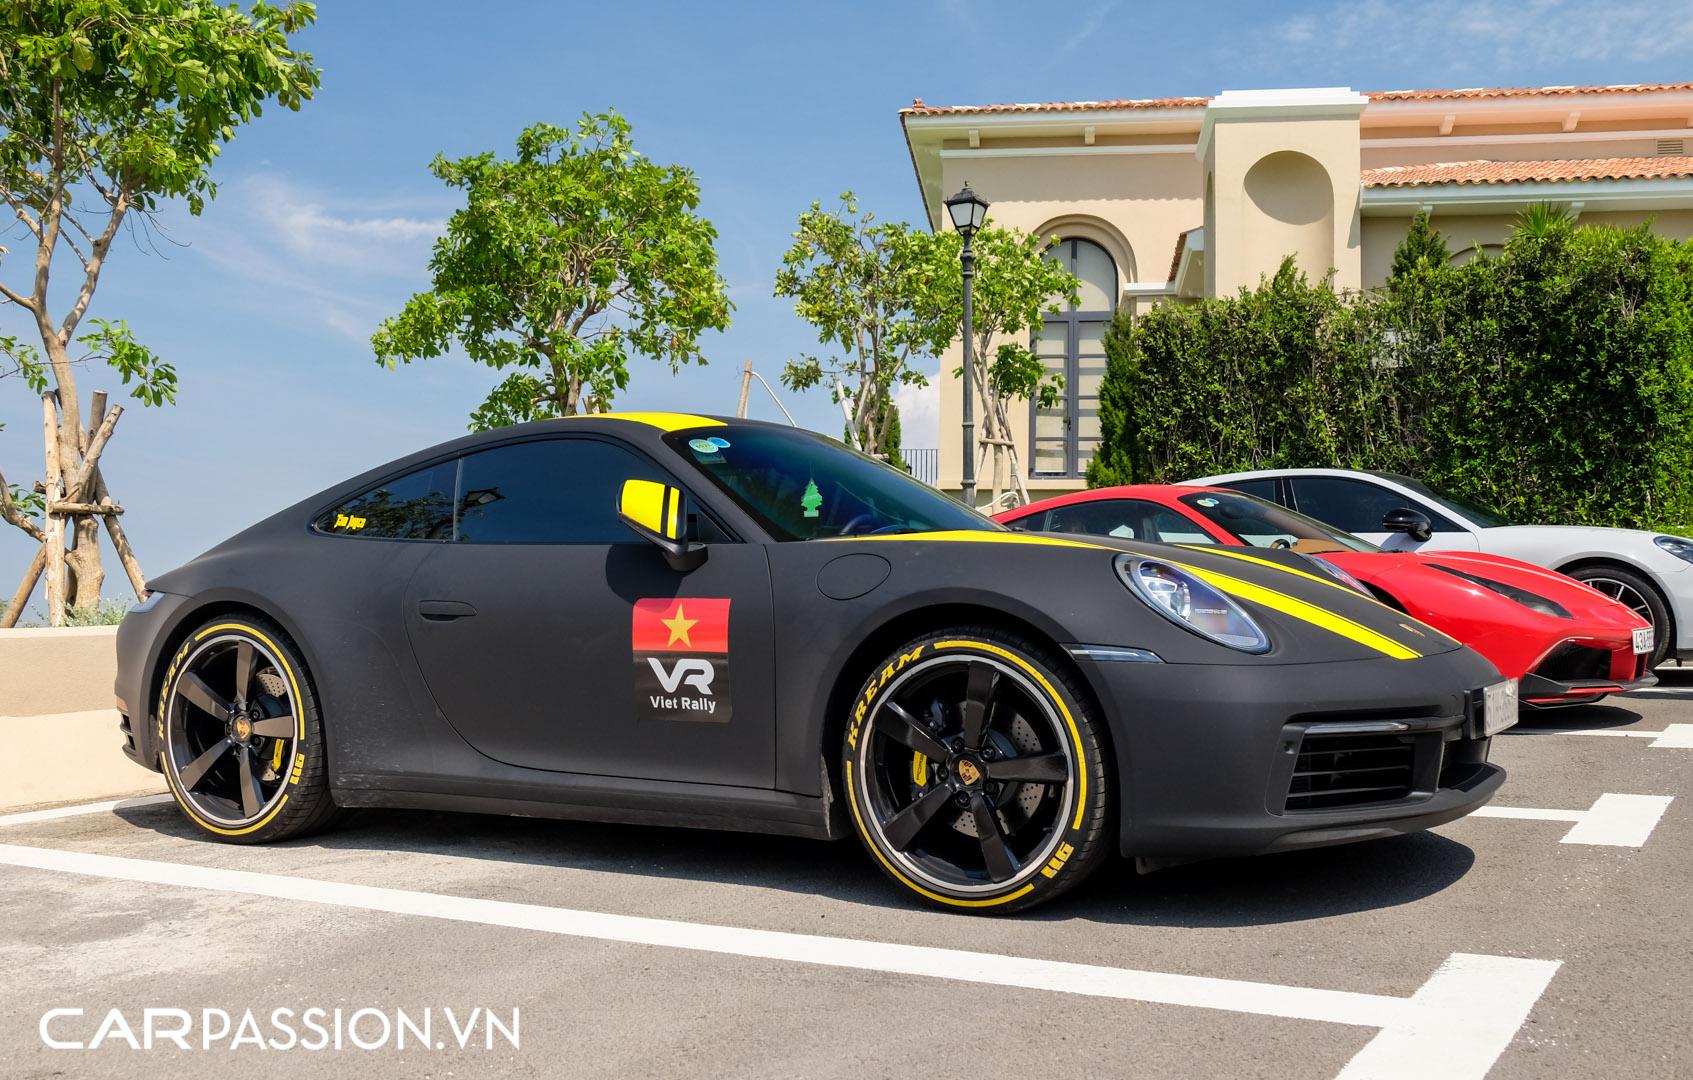 Porsche 911 của vợ chồng YouTuber (1).JPG